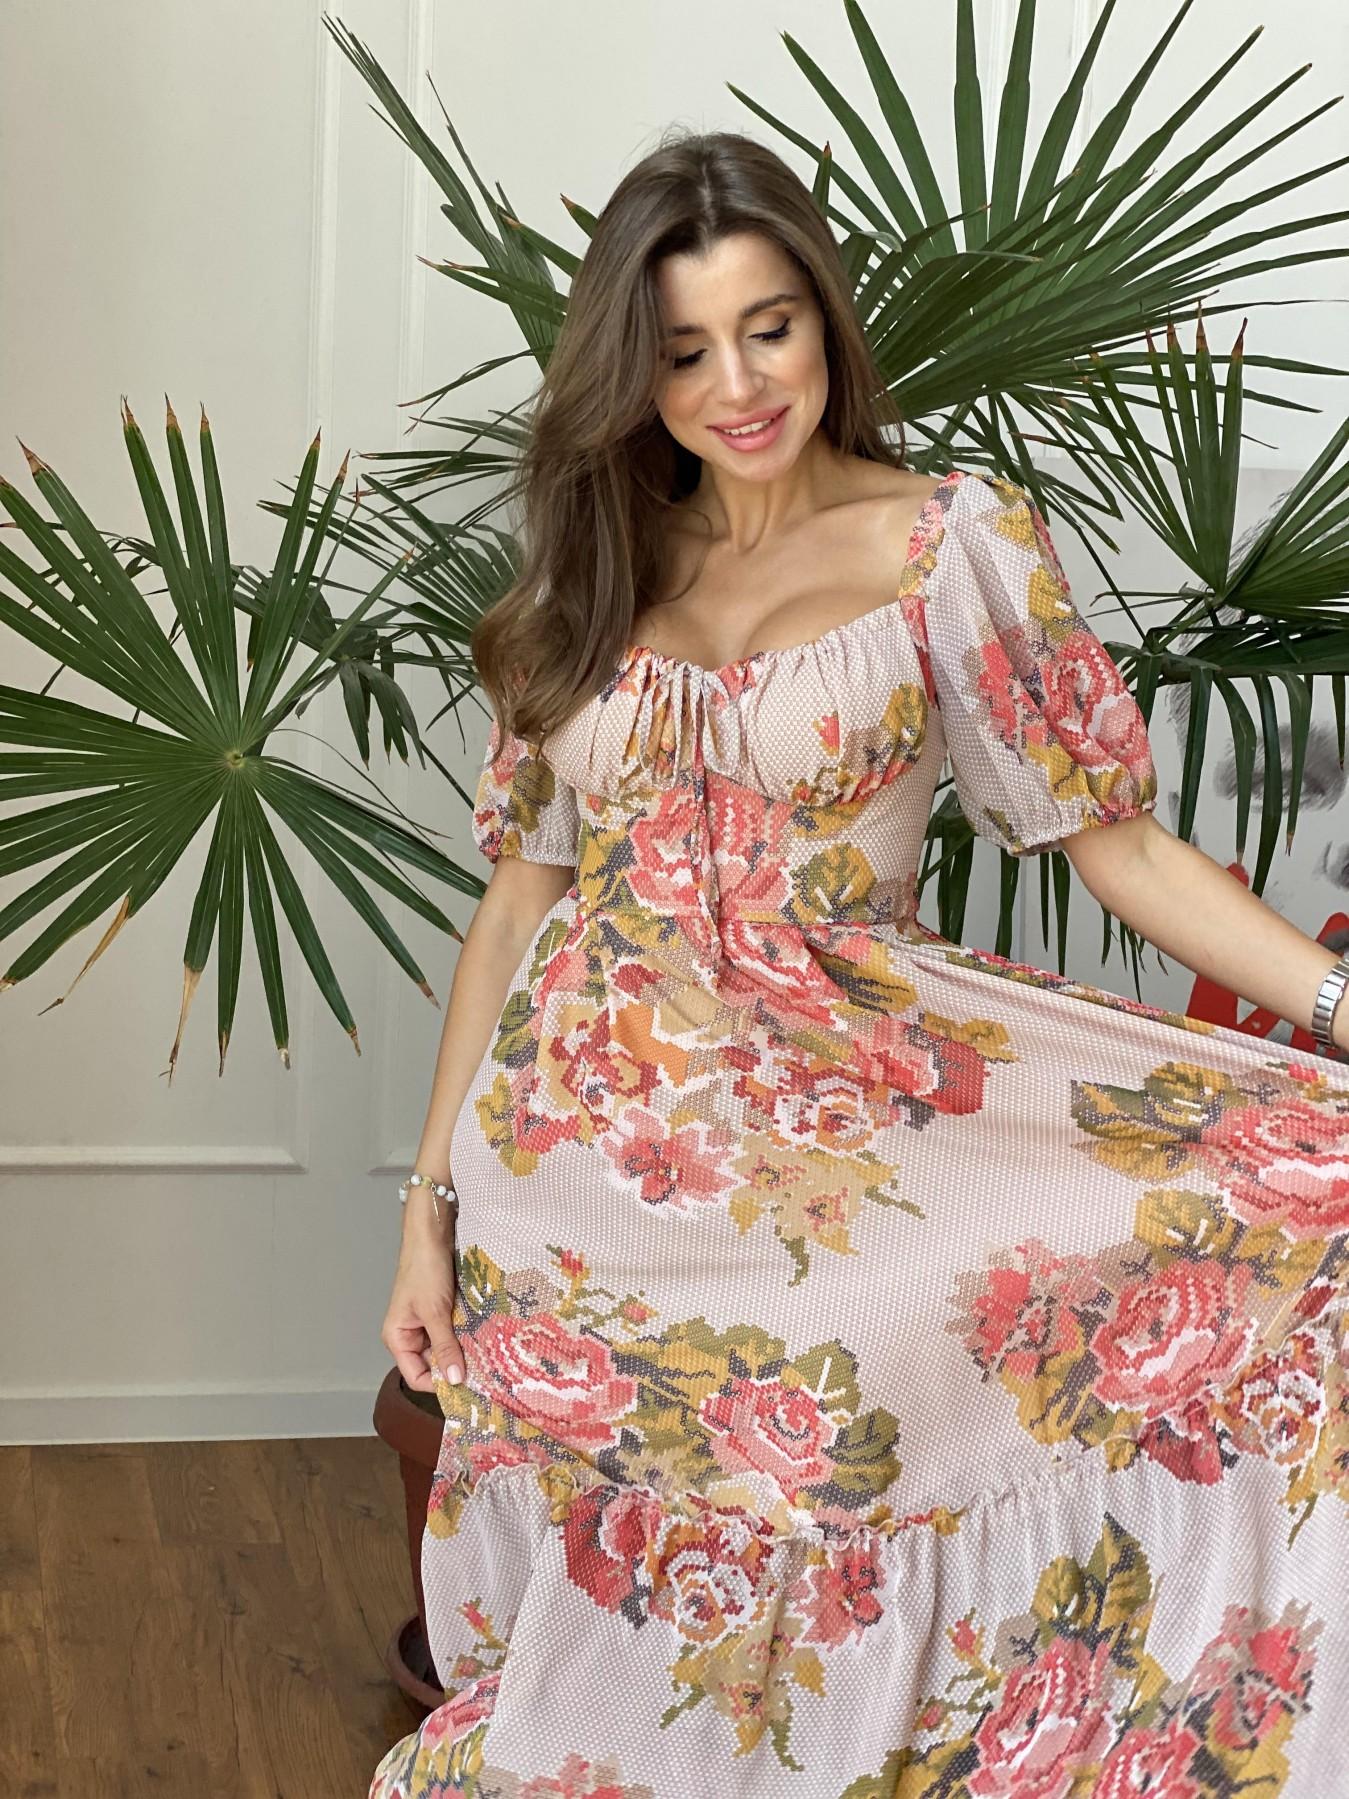 Лоретта платье из шифона в принт 11468 АРТ. 48252 Цвет: Беж.Св/Беж вышивка - фото 5, интернет магазин tm-modus.ru